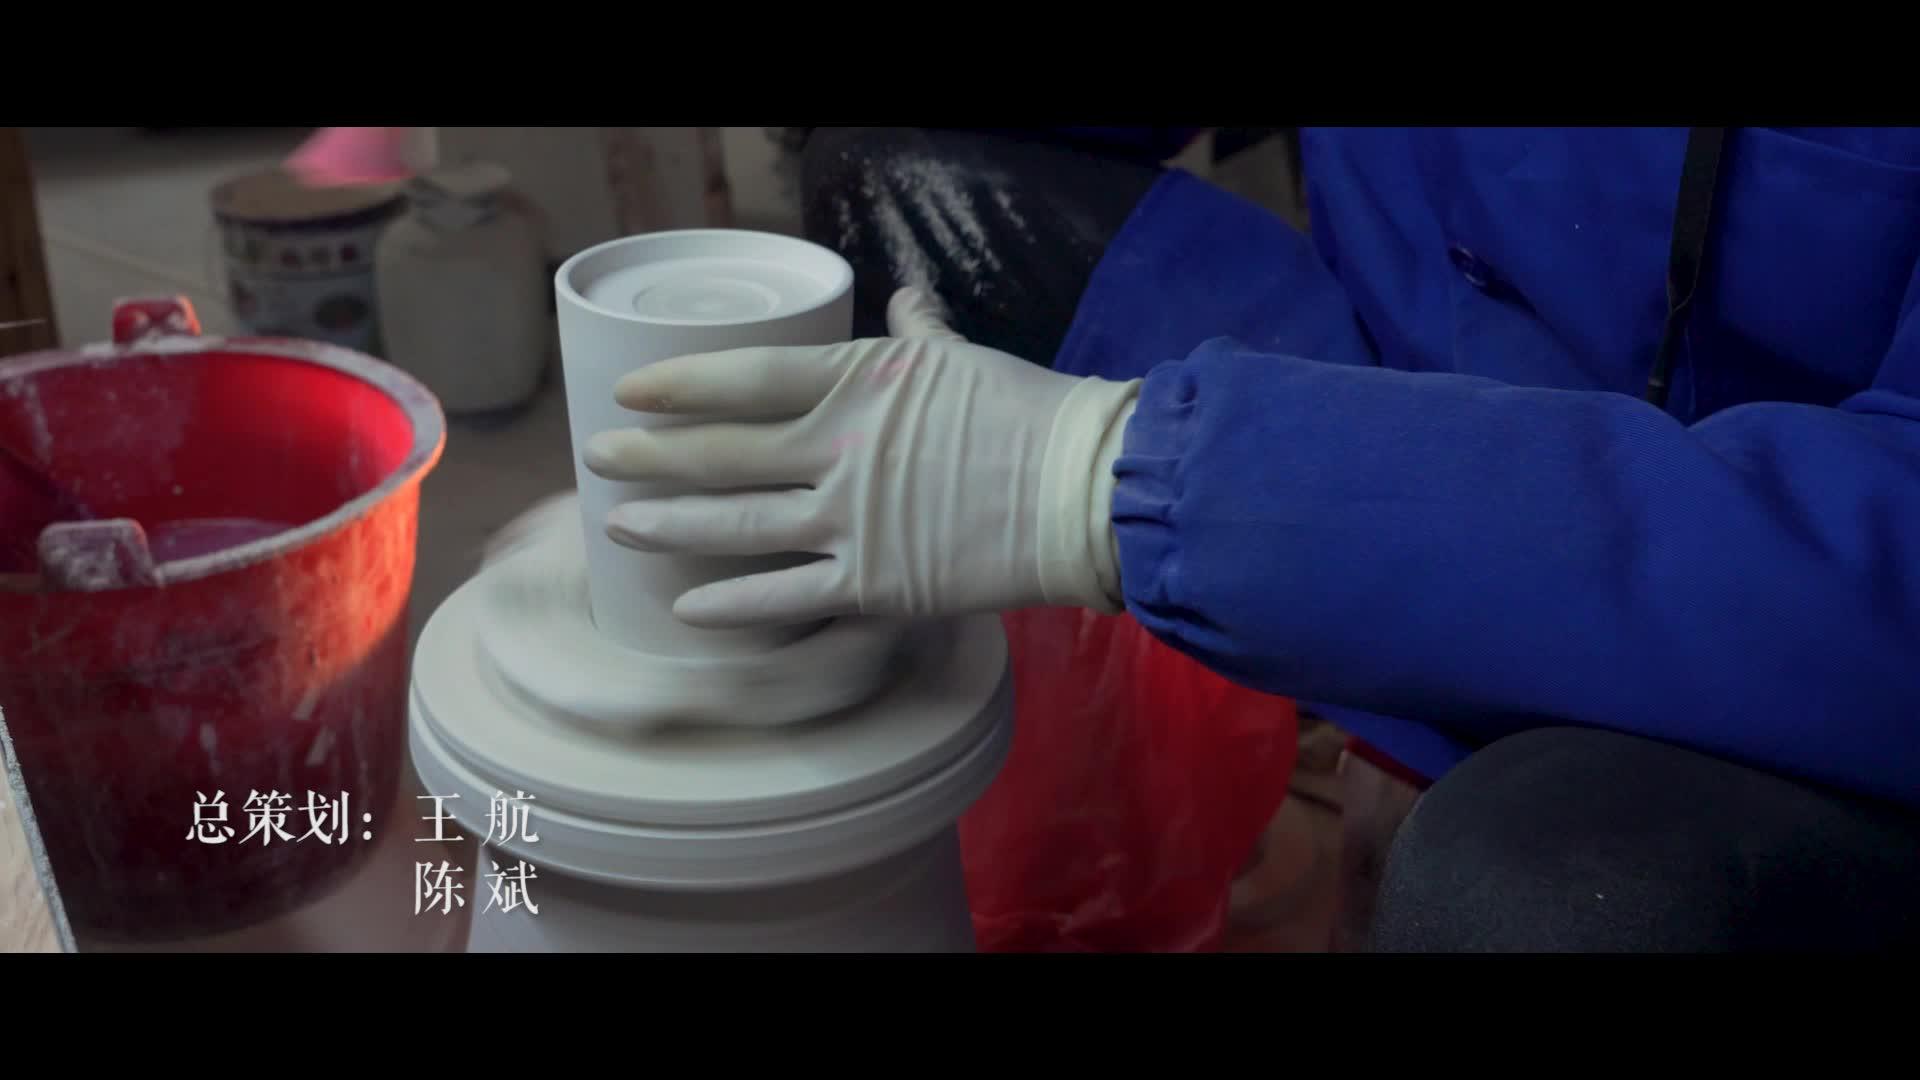 守艺中国之景德镇篇:玲珑瓷匠人吕雅婷 03